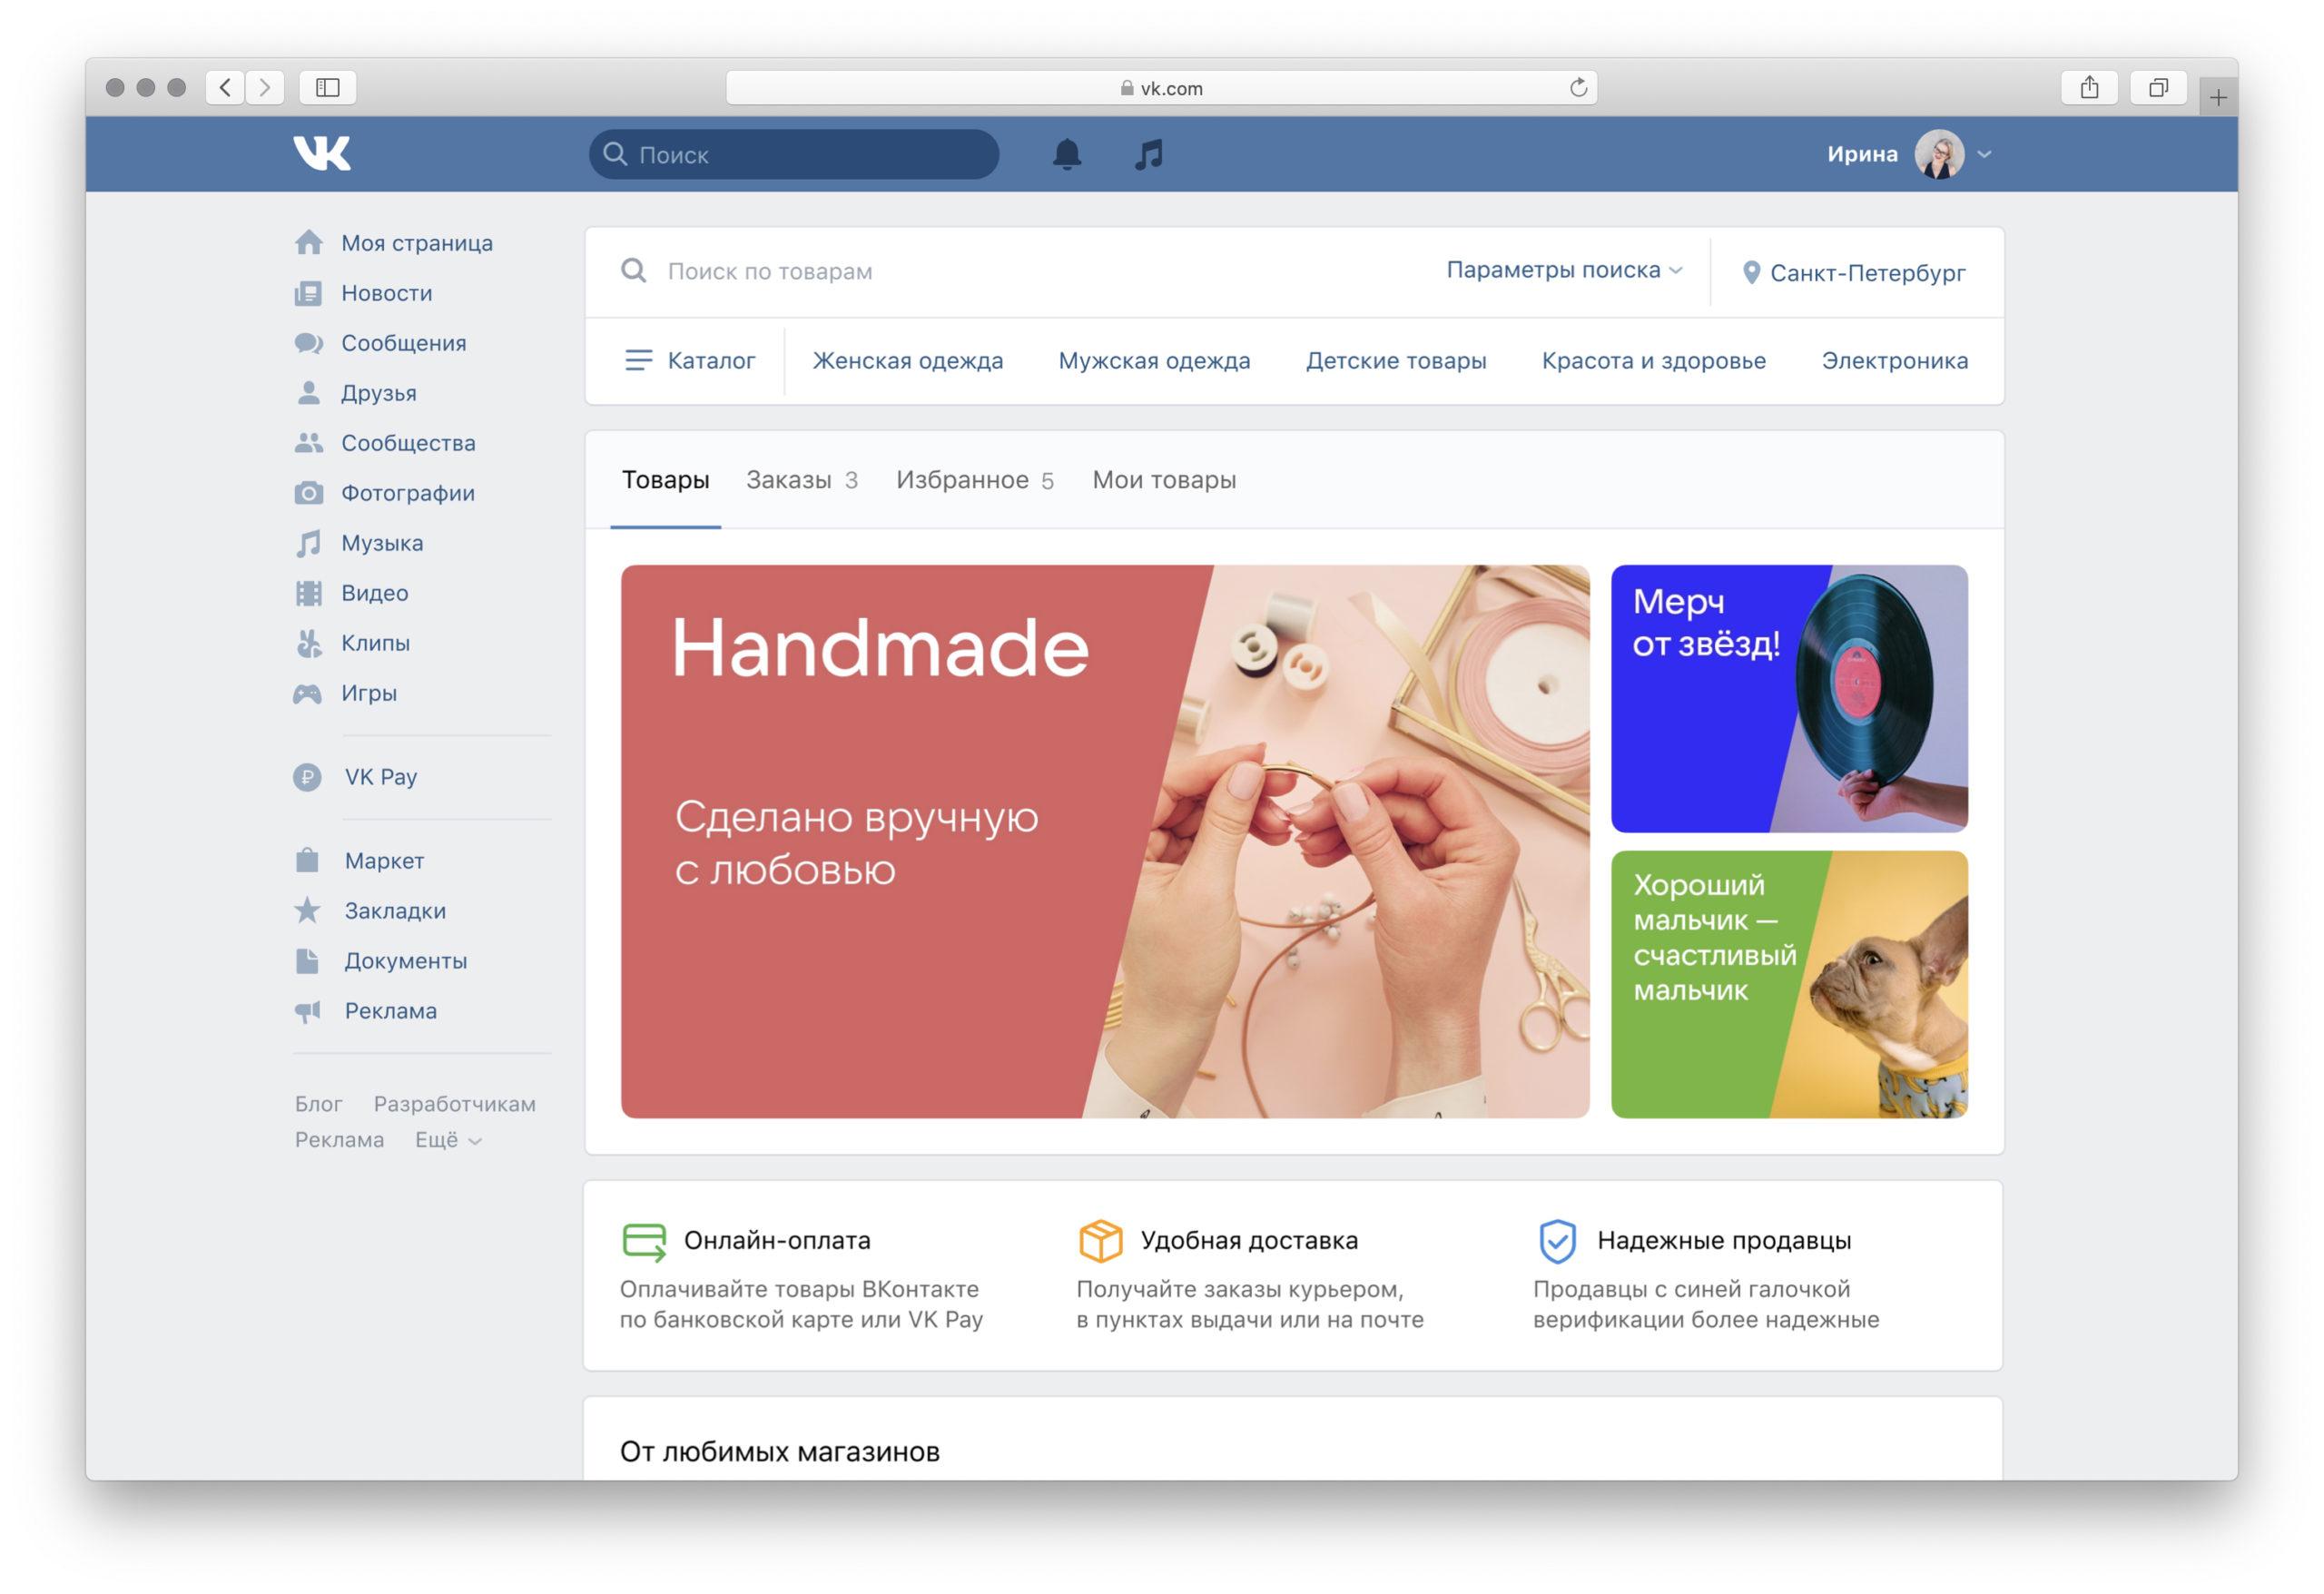 «ВКонтакте» анонсировал маркетплейс с товарами от магазинов и друзей